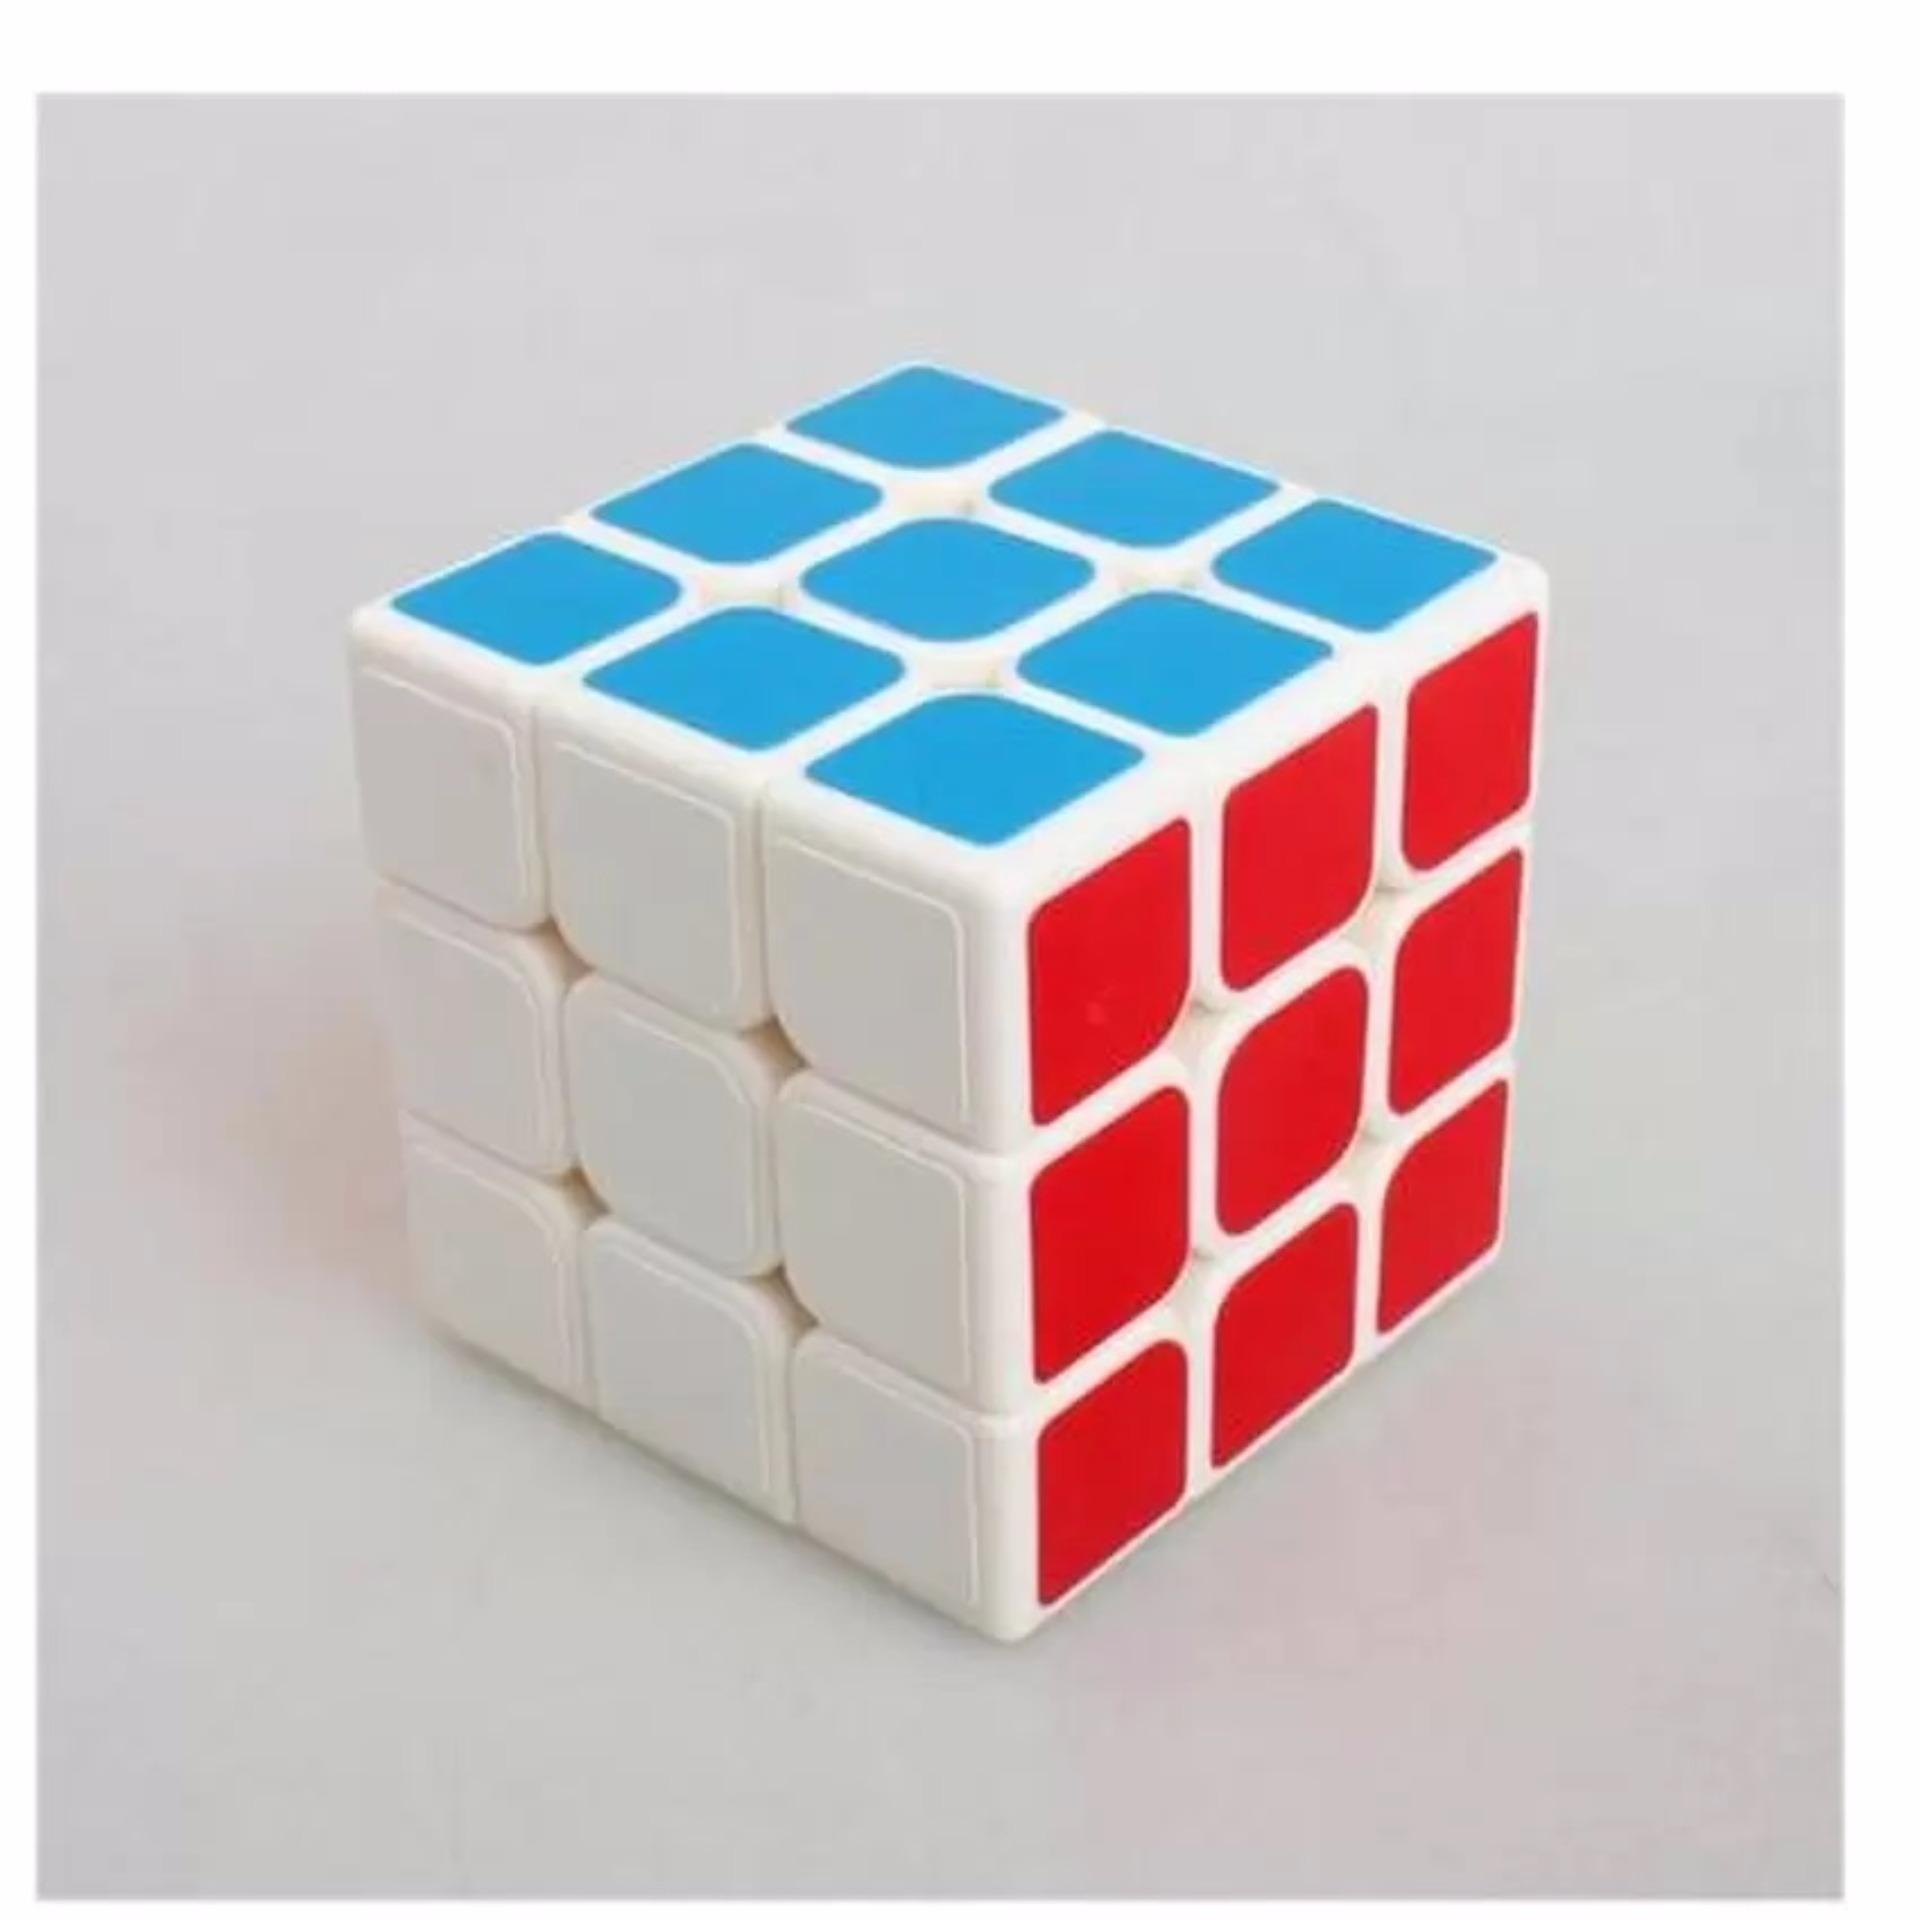 Pencari Harga Rubik 3x3x3 yong jun Guanlong murah YJ speed cube Yongjun 3x3 murah terbaik murah - Hanya Rp63.536